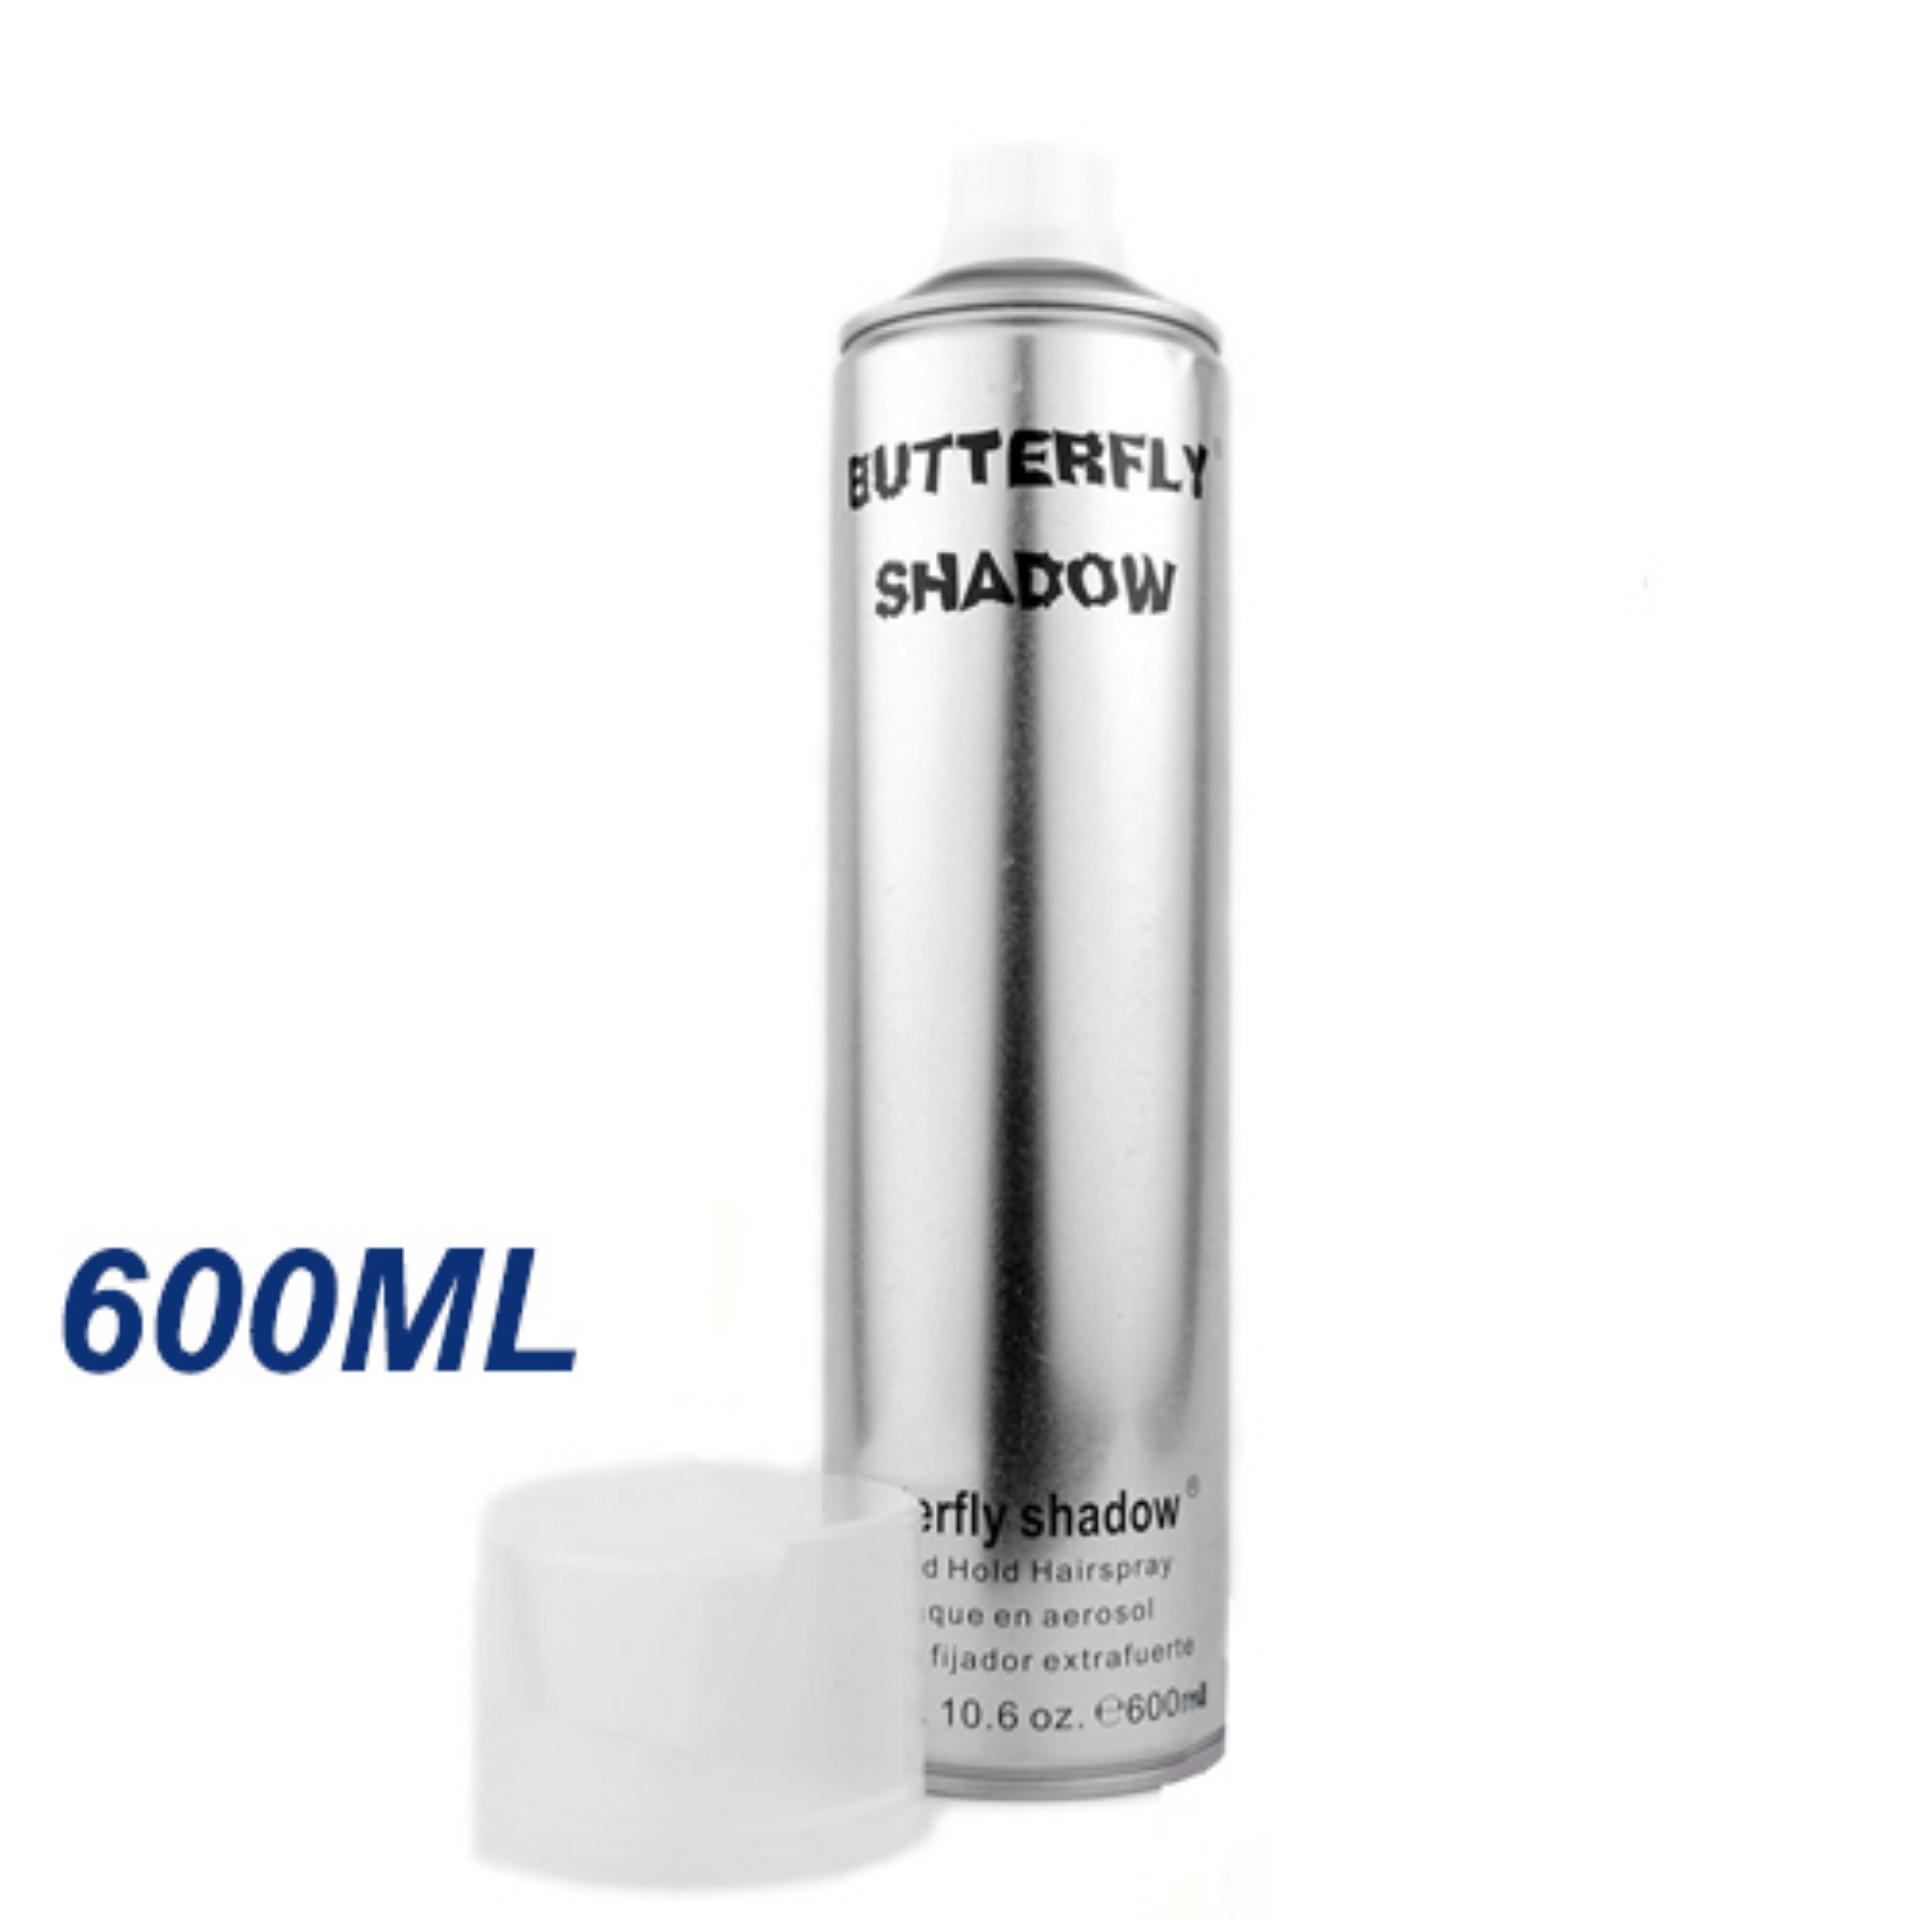 Hình ảnh Gôm xịt tạo kiểu tóc Butterfly Shadow 600ml